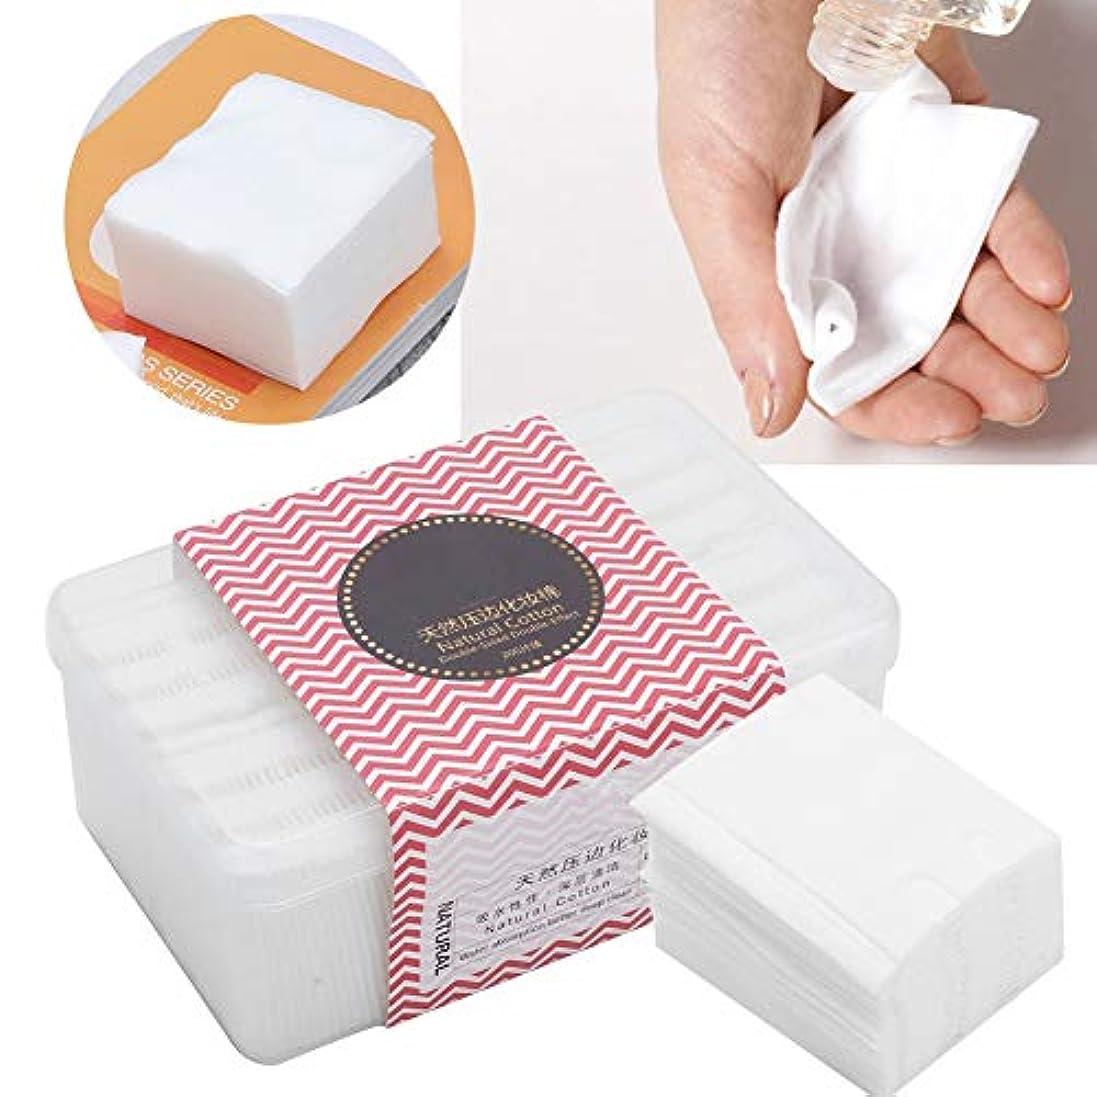 降ろす治世固執使い捨て化粧パッド メイク 200枚セット 化粧品リムーバークリーニングワイプ